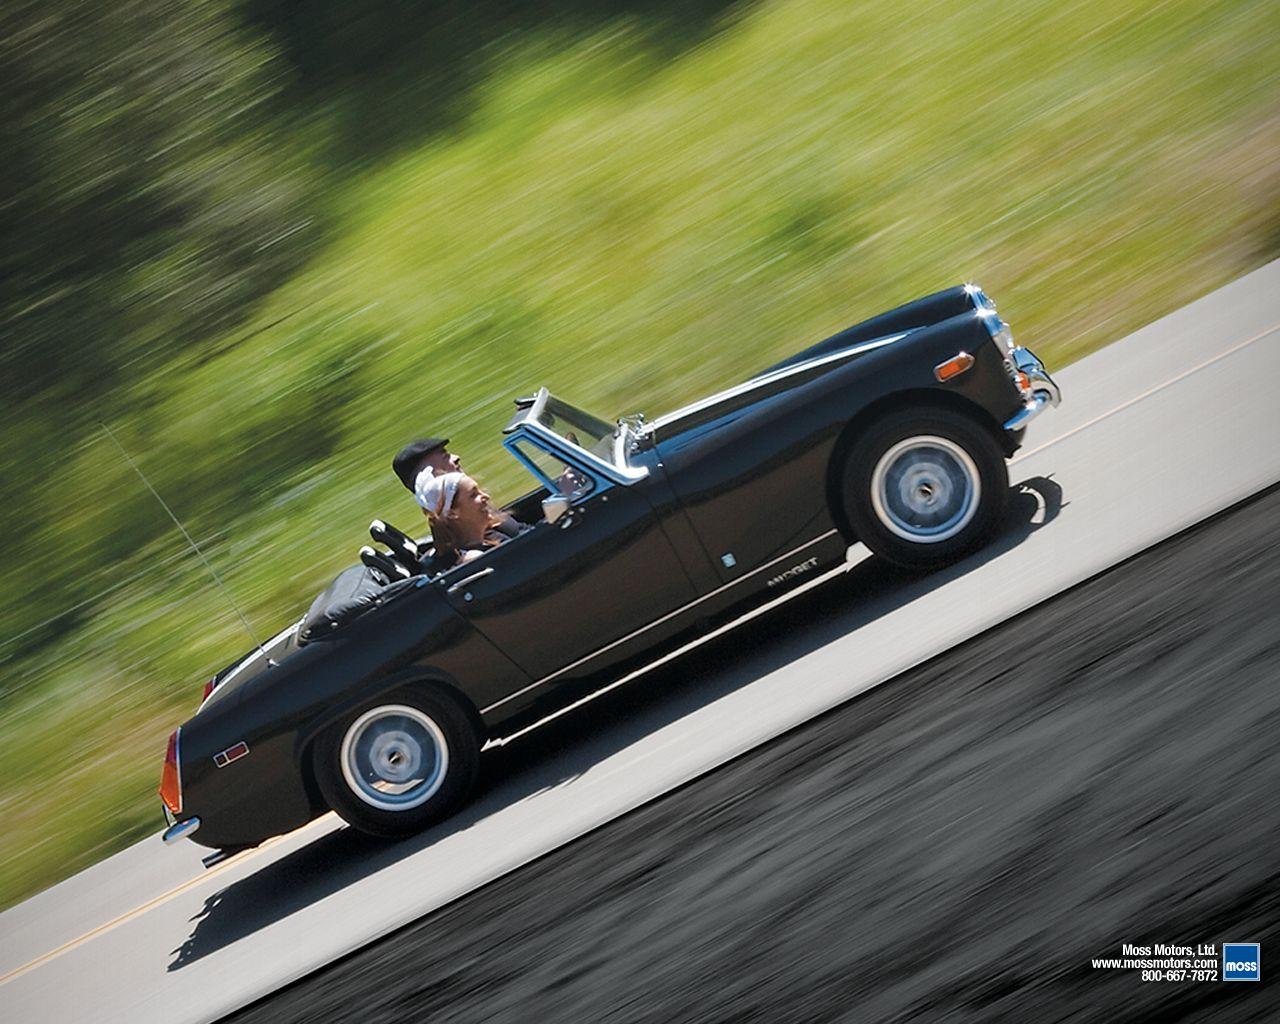 MG Midget | Wallpapers | Mg midget, British sports cars, Mg cars